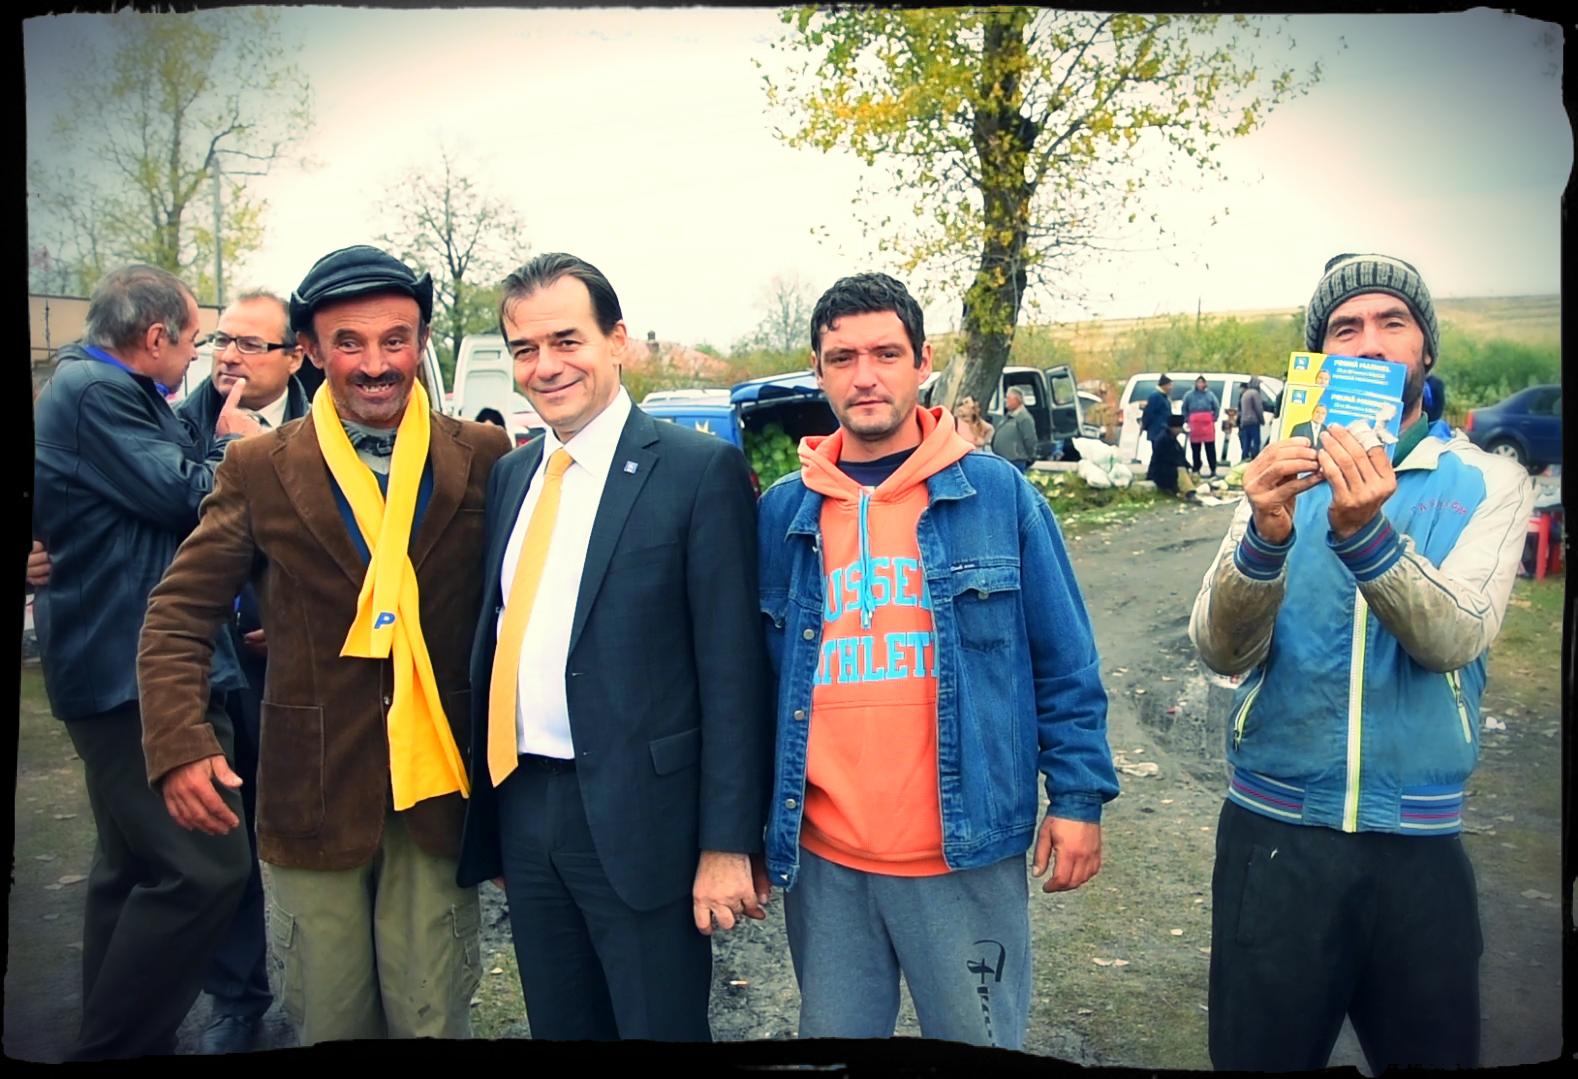 Ludovic Orban, poză de grup cu activul de partid din comuna Salcia, județul Teleorman. FOTO: Recorder